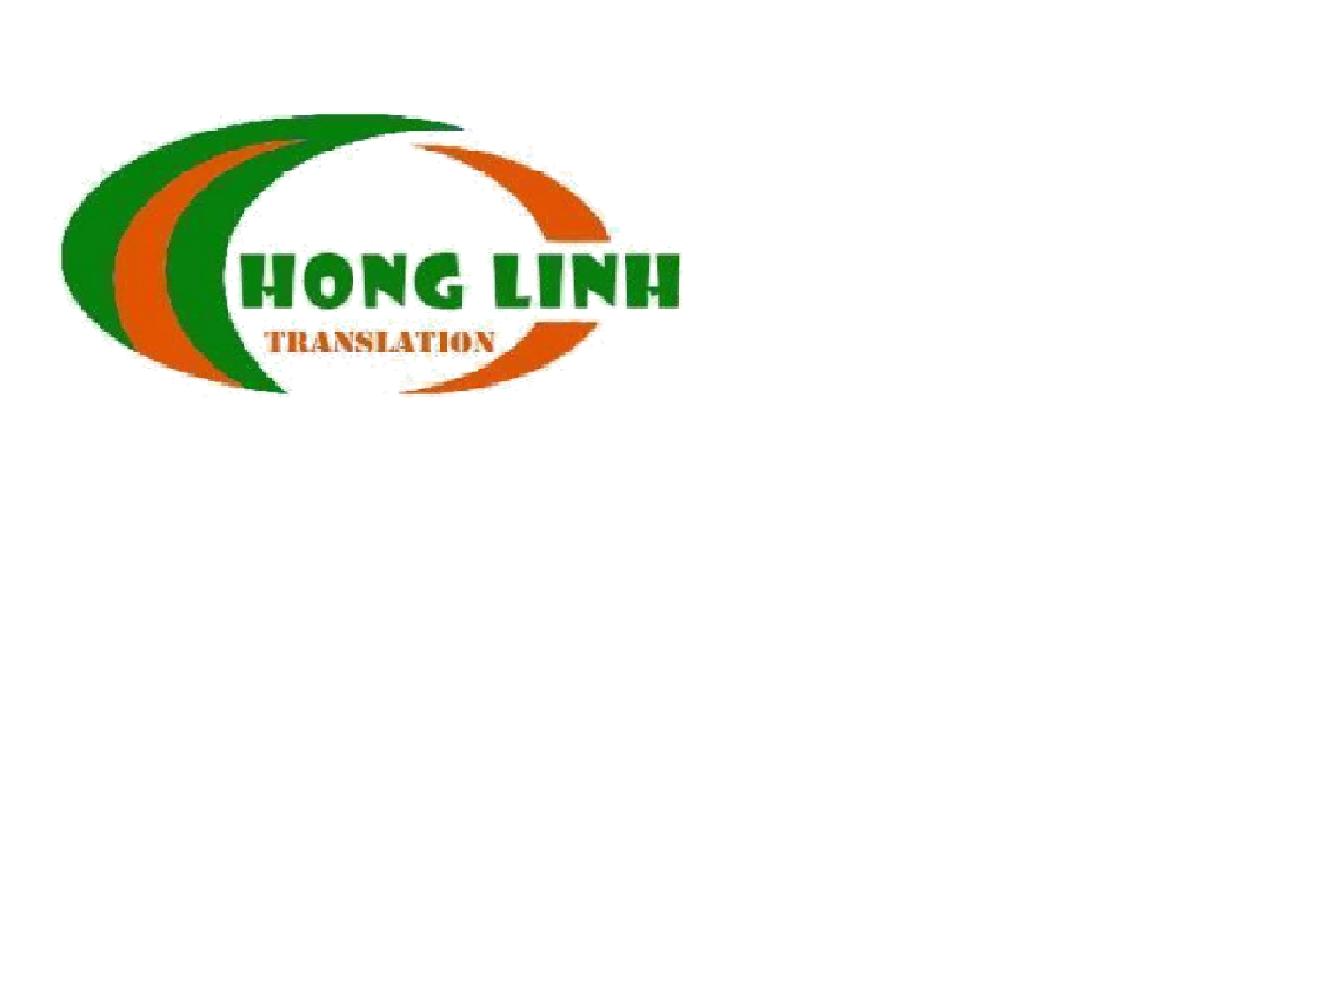 Công ty TNHH Dịch thuật Công chứng Hồng Linh